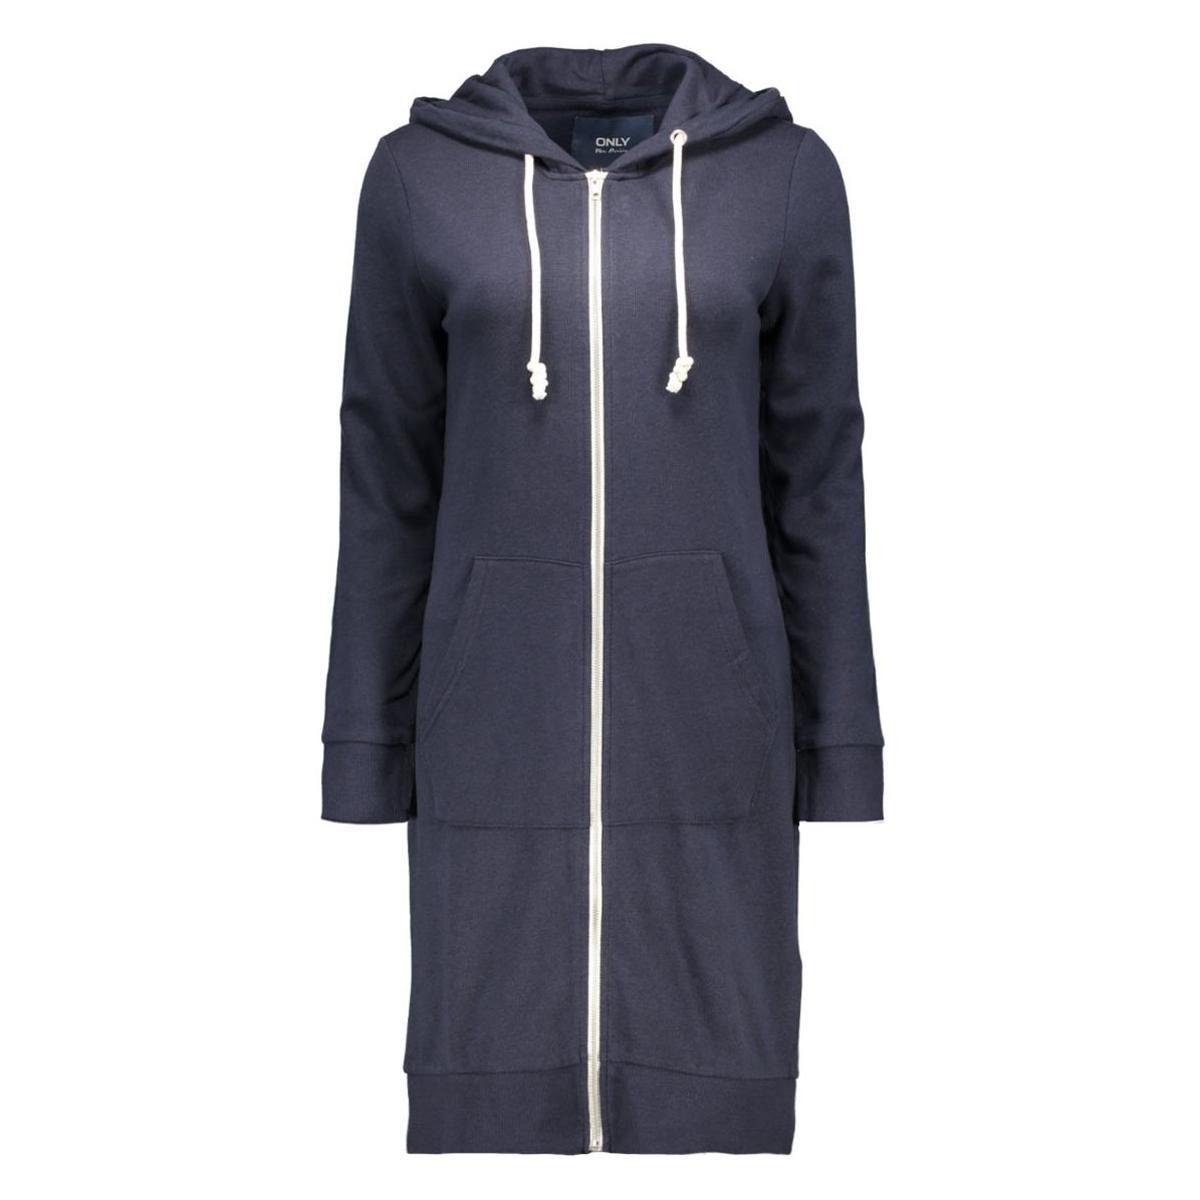 onljane l/s x-long zip hood swt only sweater night sky